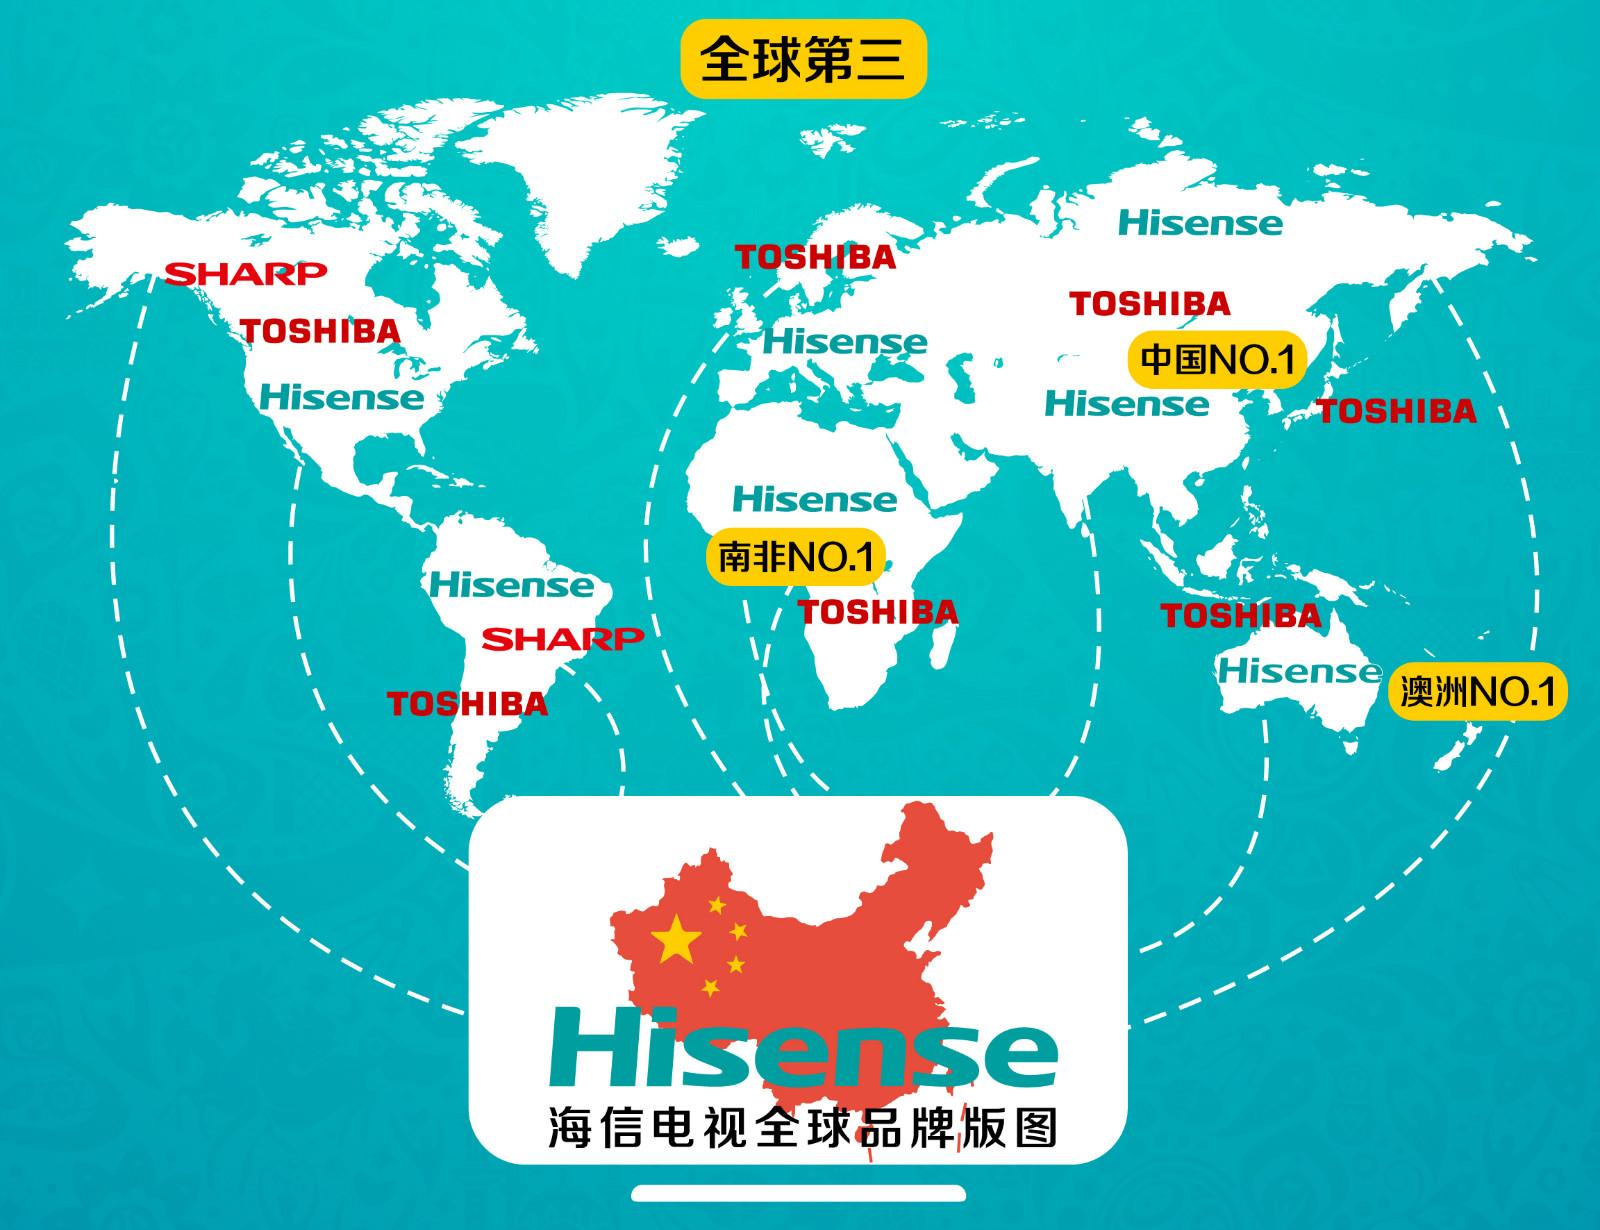 收购东芝电视海信加速全球布局